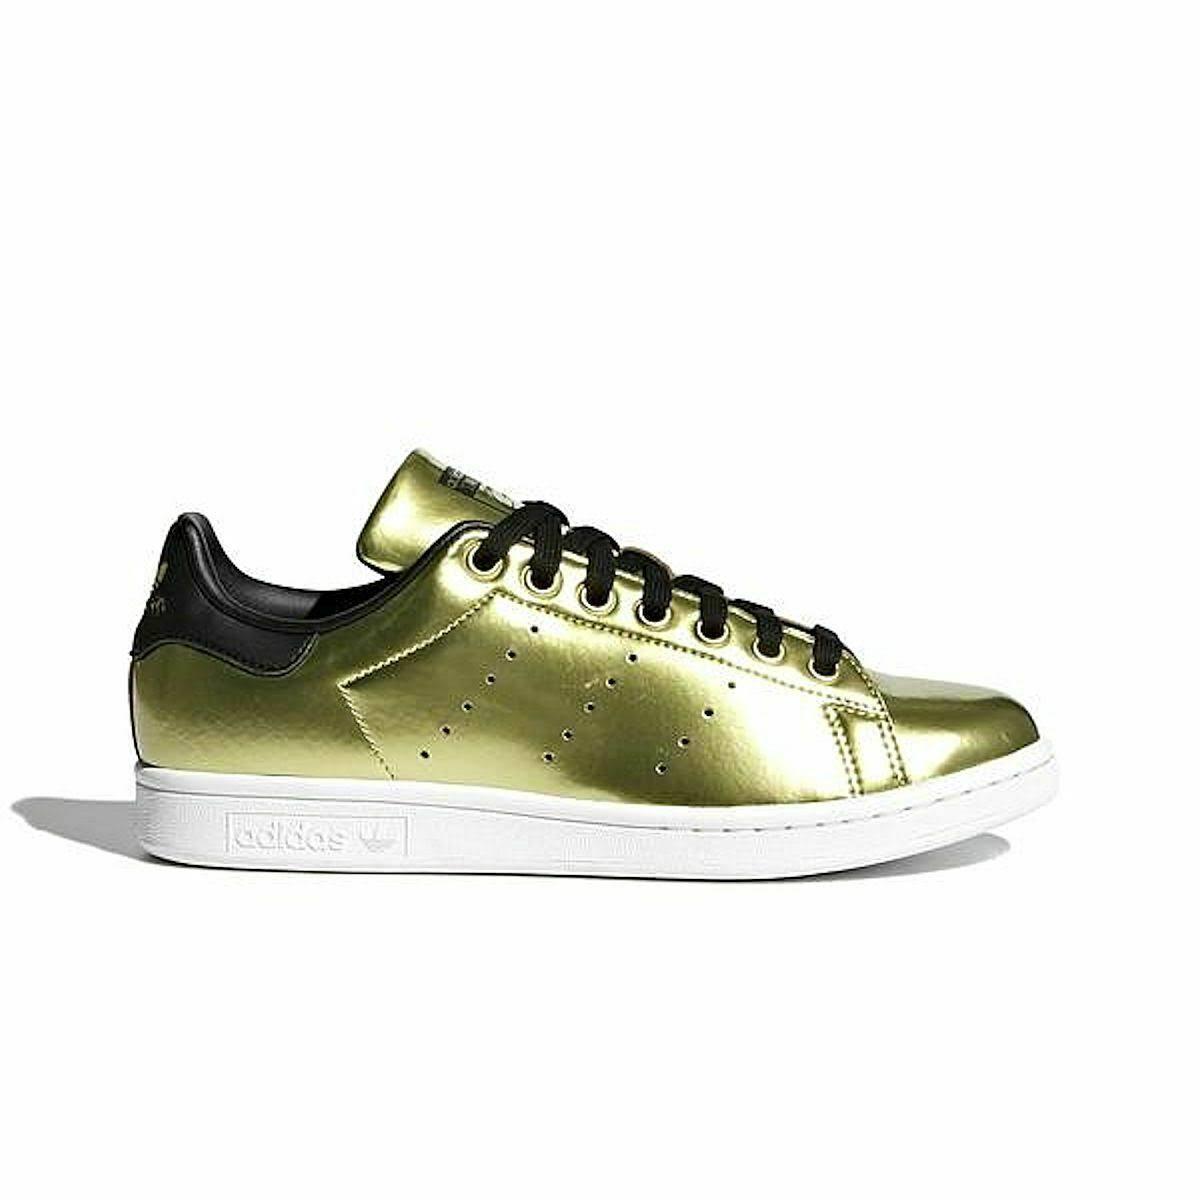 Stansmith4 Adidas Giallo Adidas Adidas Stansmith4 5 5 Giallo 35RjqAL4Sc